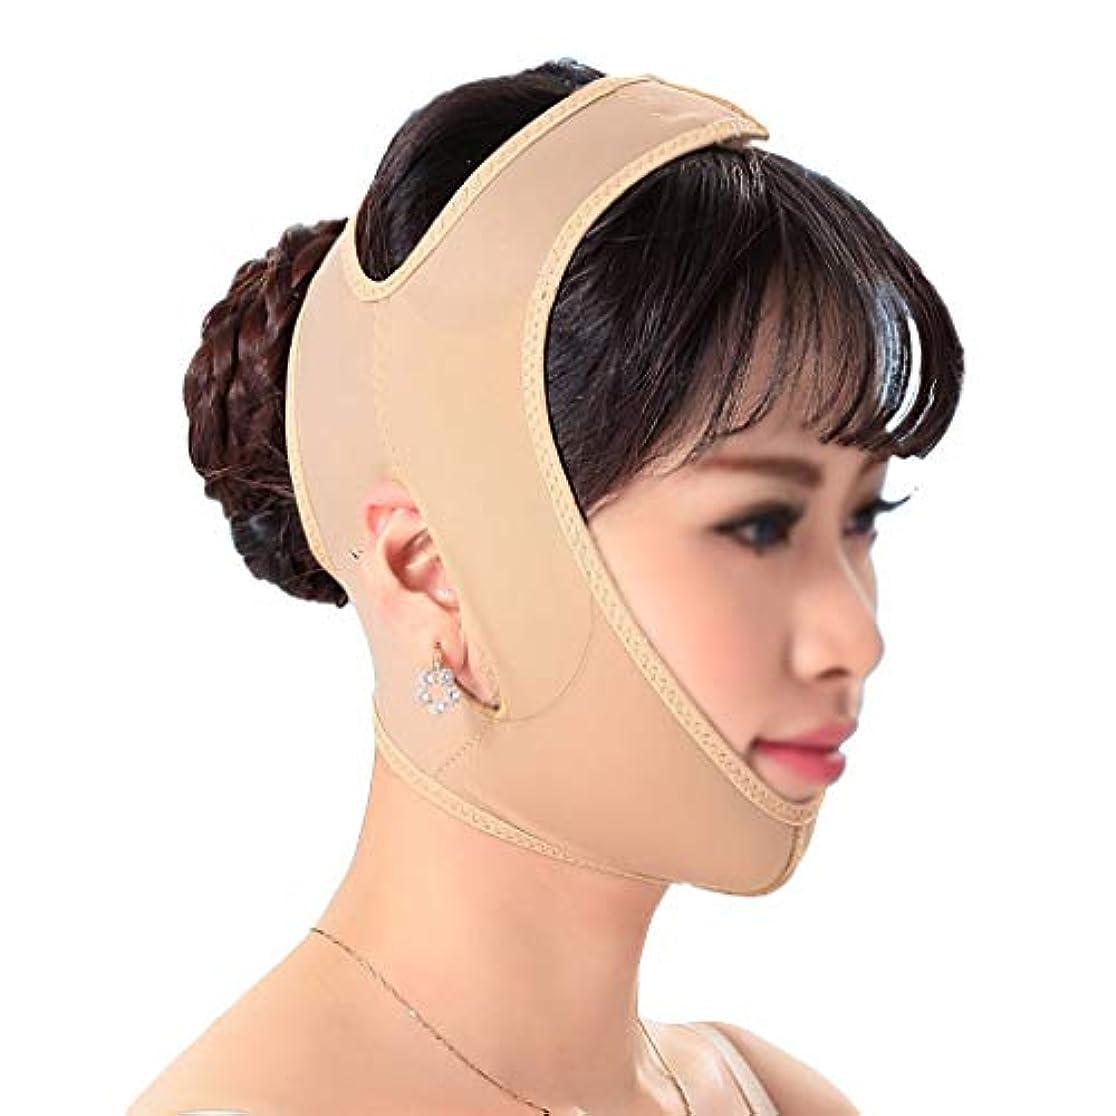 慢性的耐える折るGLJJQMY 引き締めベルト痩身ベルト持ち上がる包帯小さなVフェイスマスクダブルチンVマスク脂質脂肪吸引術薄い顔アーティファクト燃える男性と女性の帽子 顔用整形マスク (Size : L)